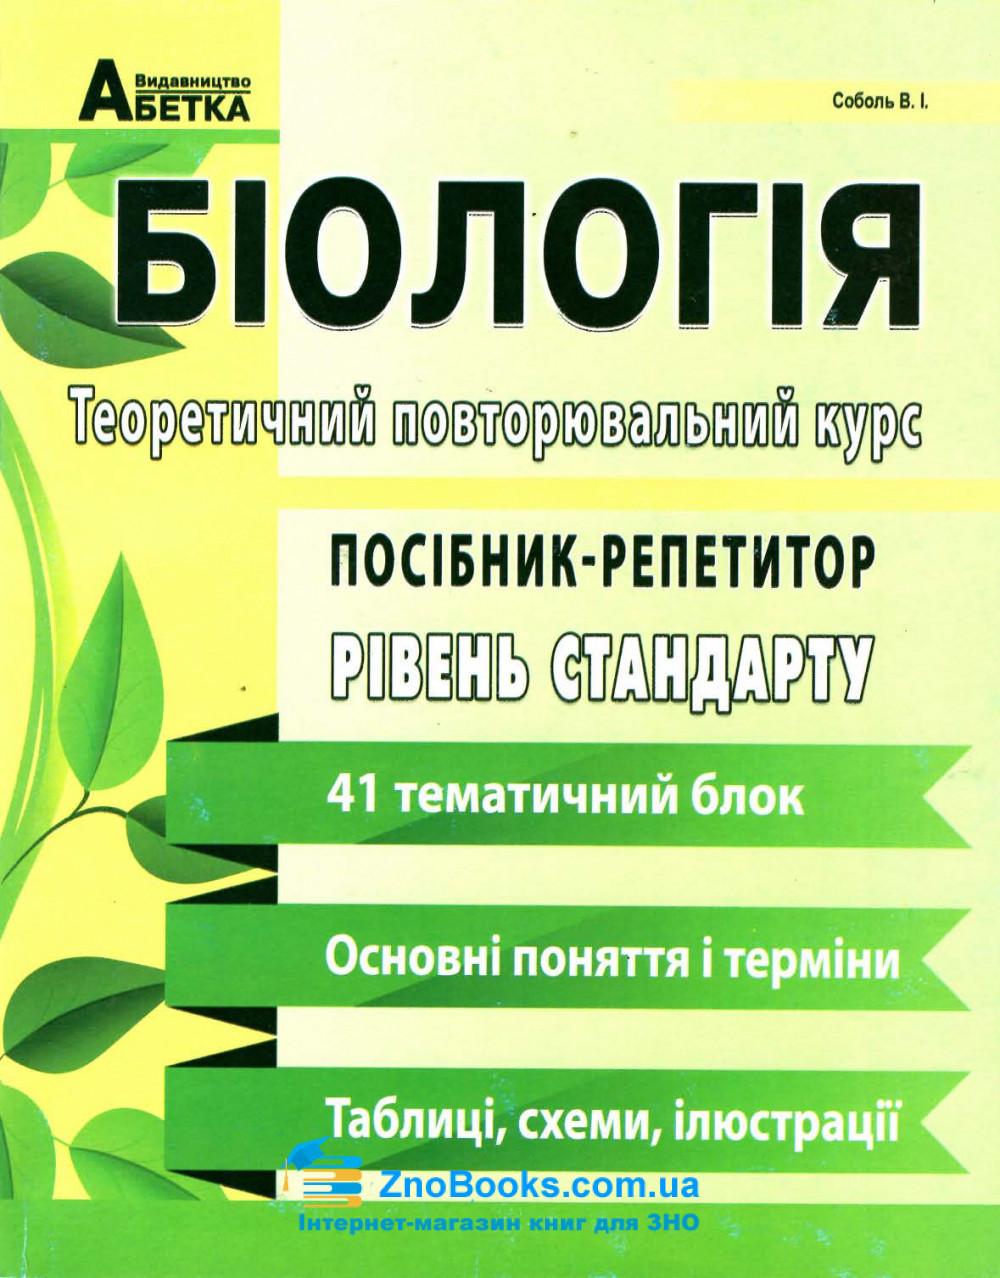 Соболь В. Репетитор з біології до ЗНО 2021 : видавництво Абетка. купити 0